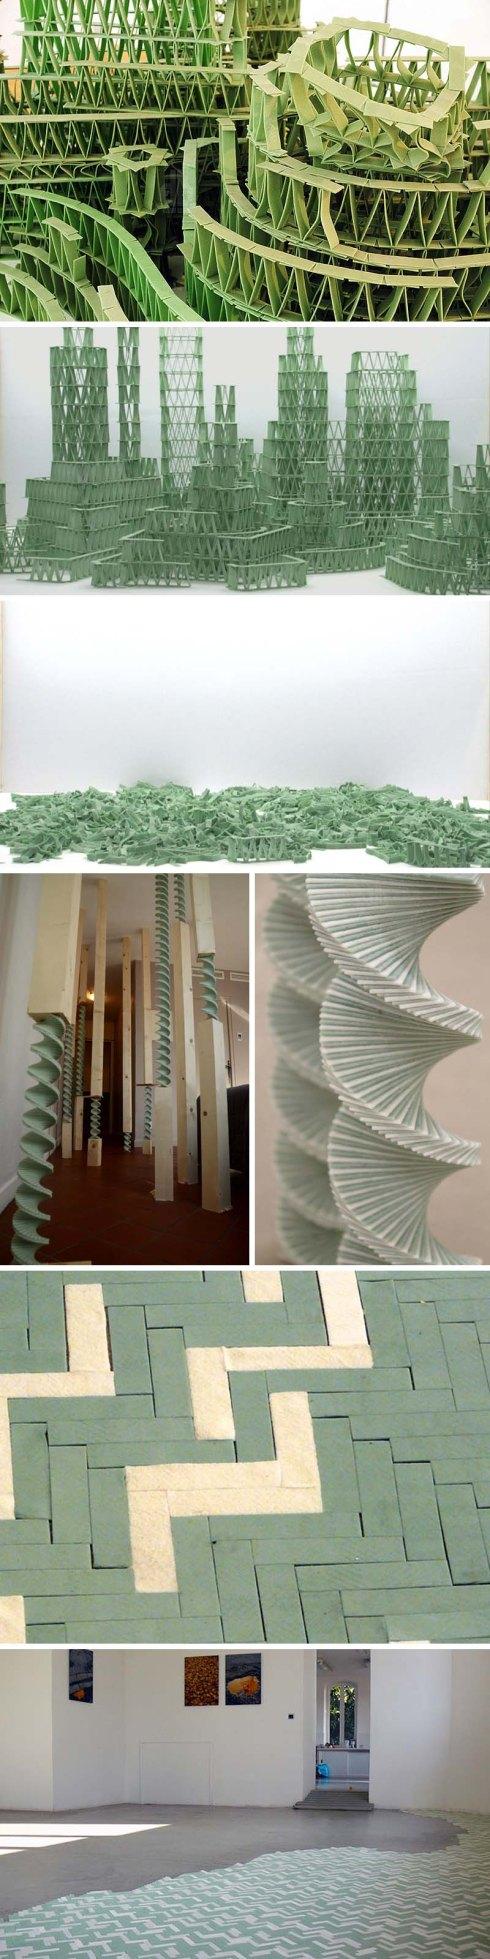 傑里米Laffon,結構和用口香糖的棍棒,hollywoodoscopies,法國當代藝術雕塑